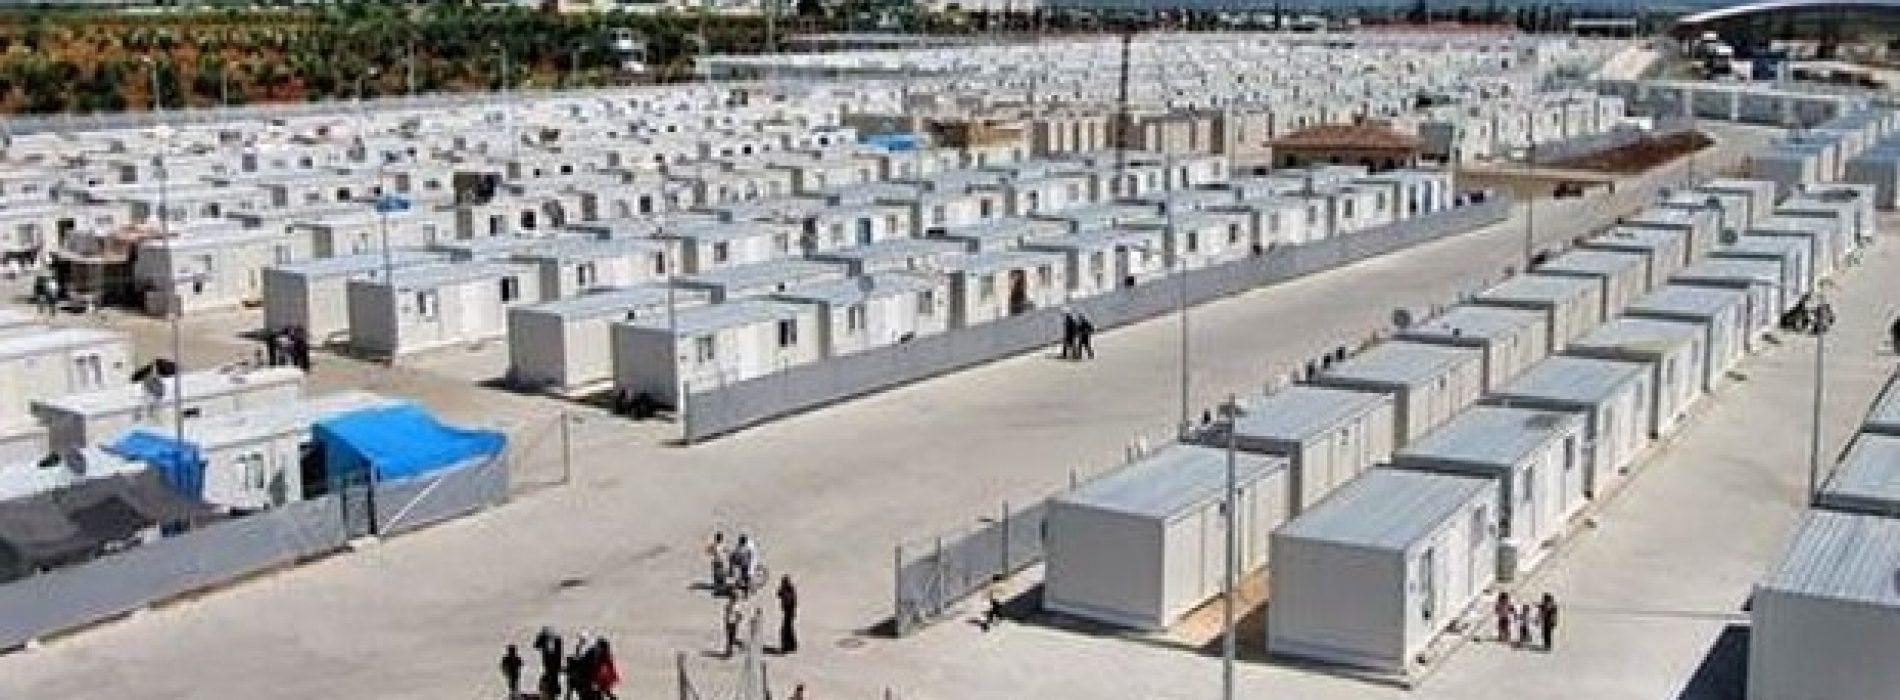 Suriyeli Mülteciler için Doğru Çözümleri Bulabilecek miyiz?